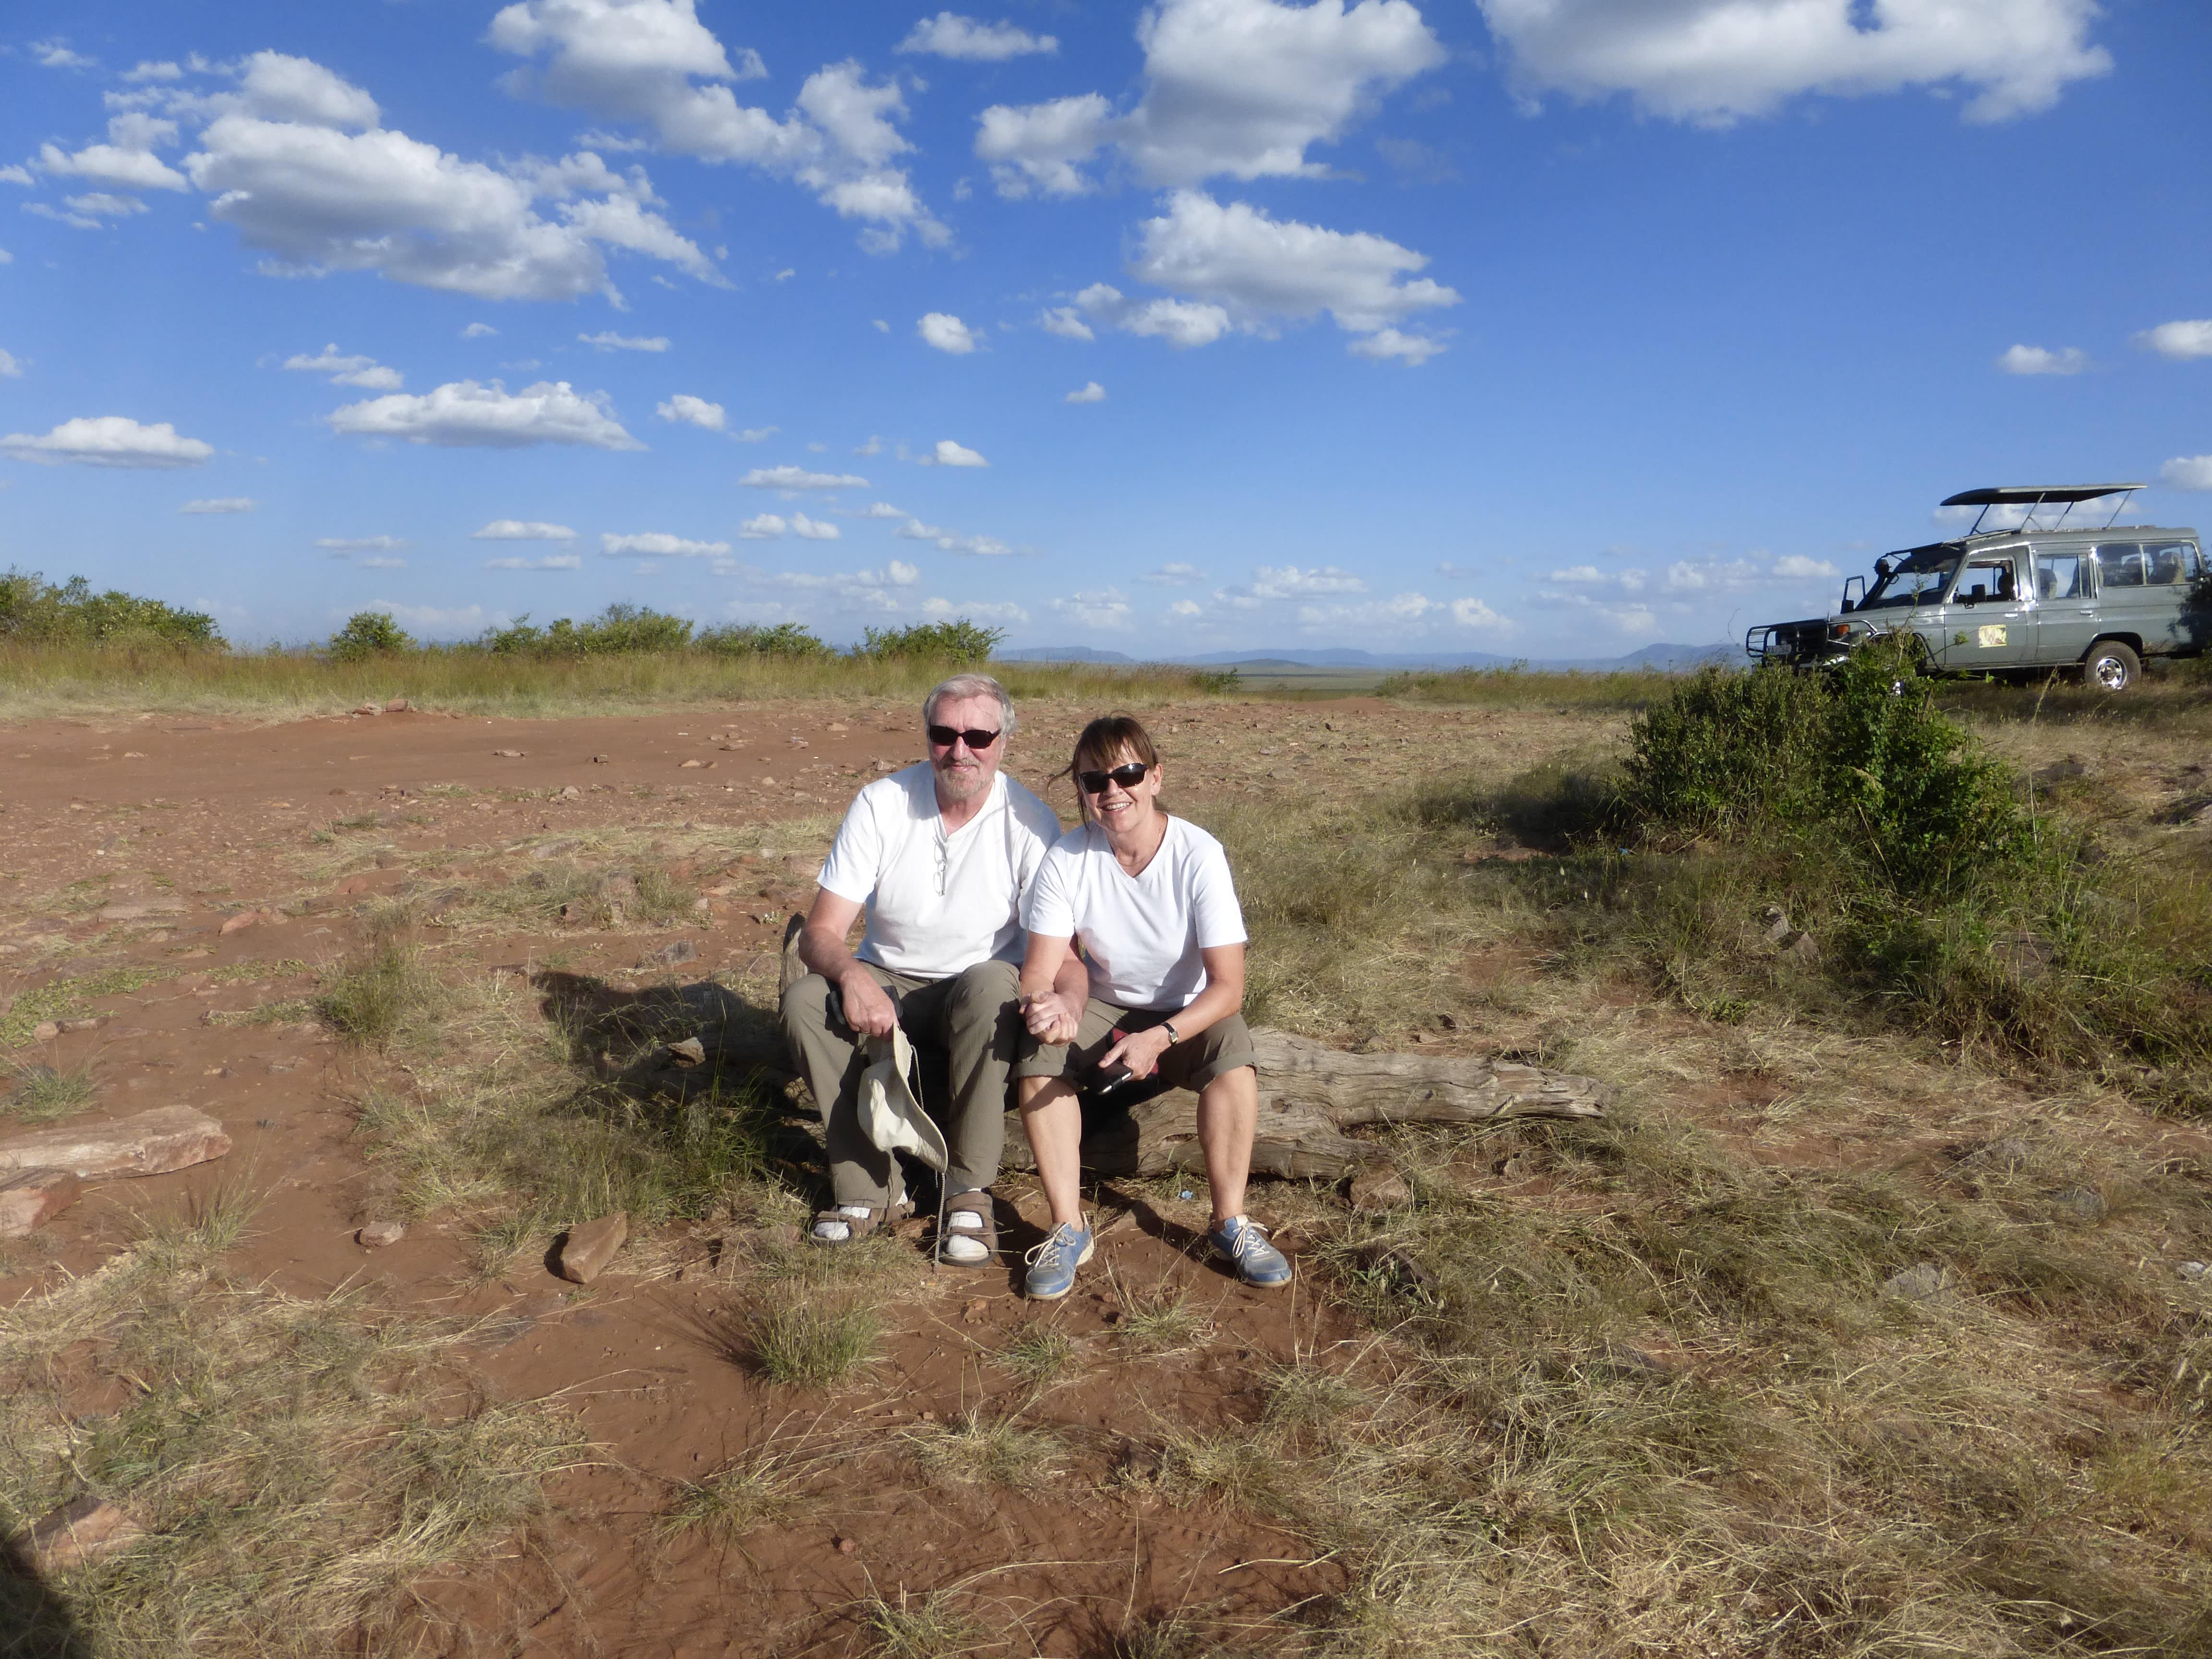 Kenia Reisebericht von Ingrid Stöckel und Michael Hortmann